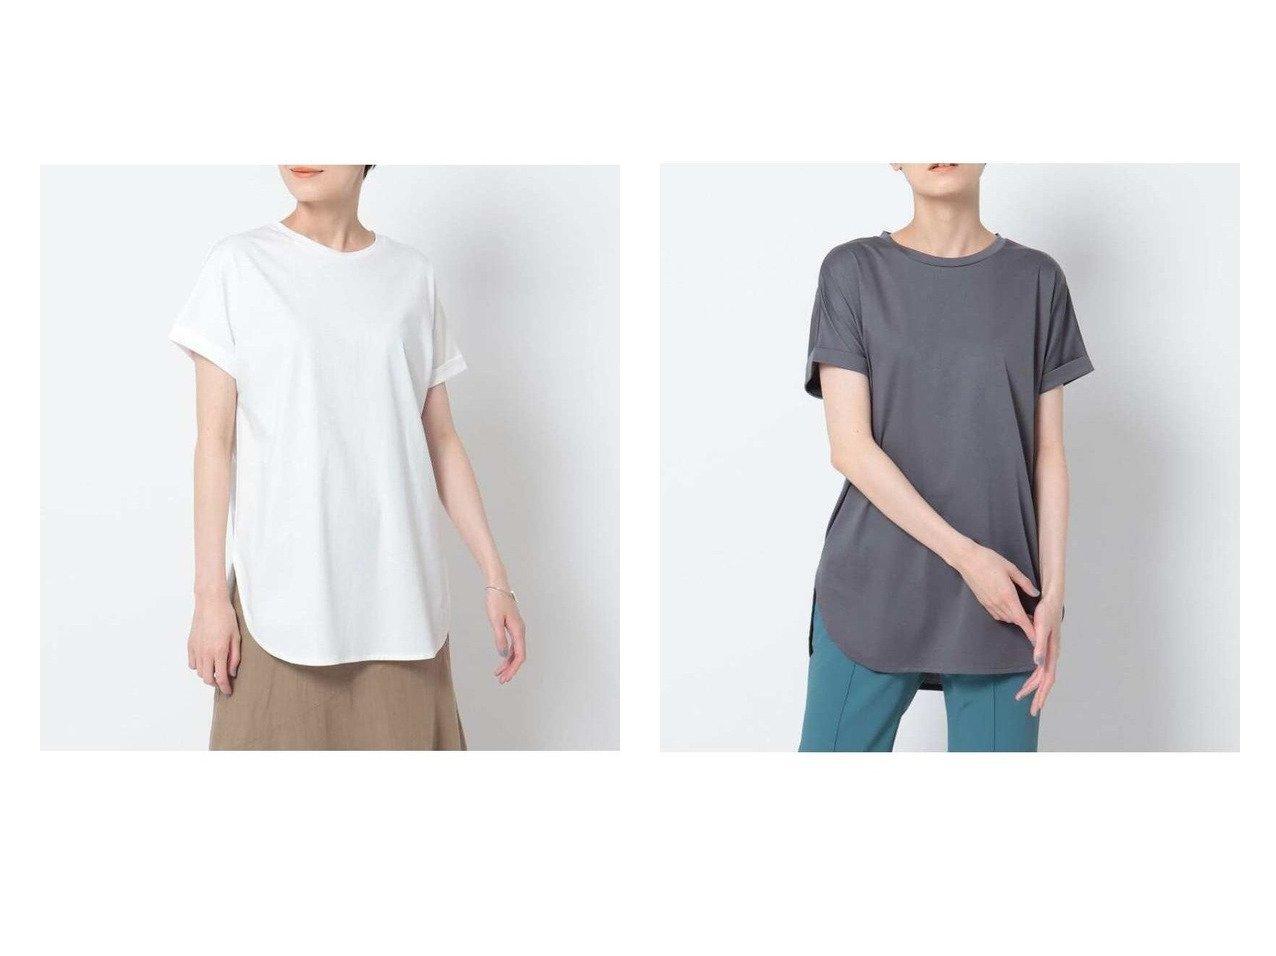 【INDIVI/インディヴィ】の【洗える/接触冷感】コットン ロールスリーブベーシックTシャツ おすすめ!人気、トレンド・レディースファッションの通販  おすすめで人気の流行・トレンド、ファッションの通販商品 インテリア・家具・メンズファッション・キッズファッション・レディースファッション・服の通販 founy(ファニー) https://founy.com/ ファッション Fashion レディースファッション WOMEN トップス・カットソー Tops/Tshirt シャツ/ブラウス Shirts/Blouses ロング / Tシャツ T-Shirts カットソー Cut and Sewn カットソー シンプル ジャケット ジャージ テーパード トレンド バランス フレア ベーシック ラウンド ロールアップ ワイド 洗える  ID:crp329100000062276